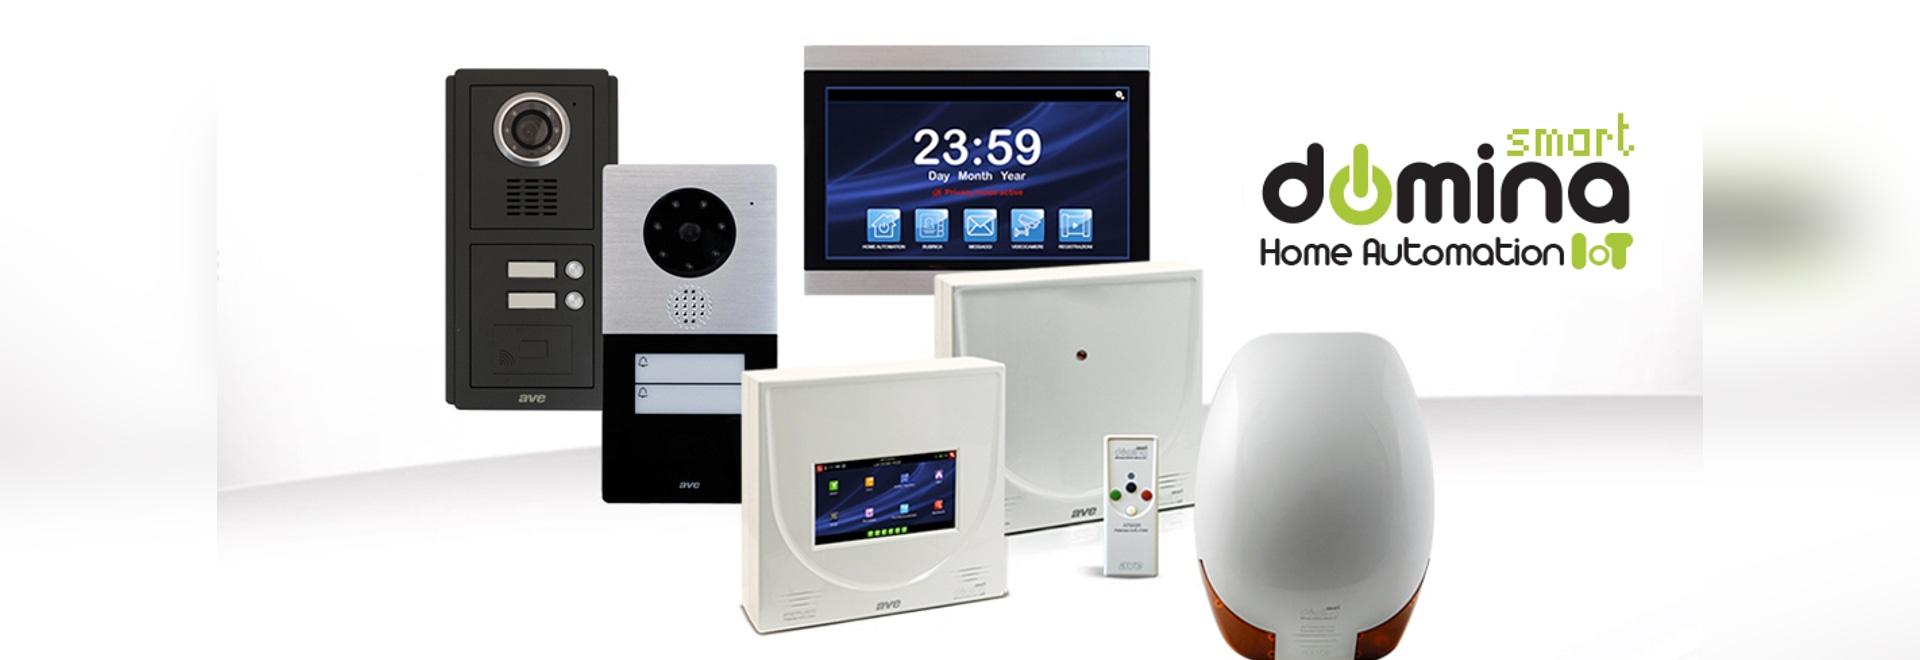 DOMINA Smart: Einbruchschutz und Videosprechanlage, die großen Innovationen des integrierten AVE-Systems